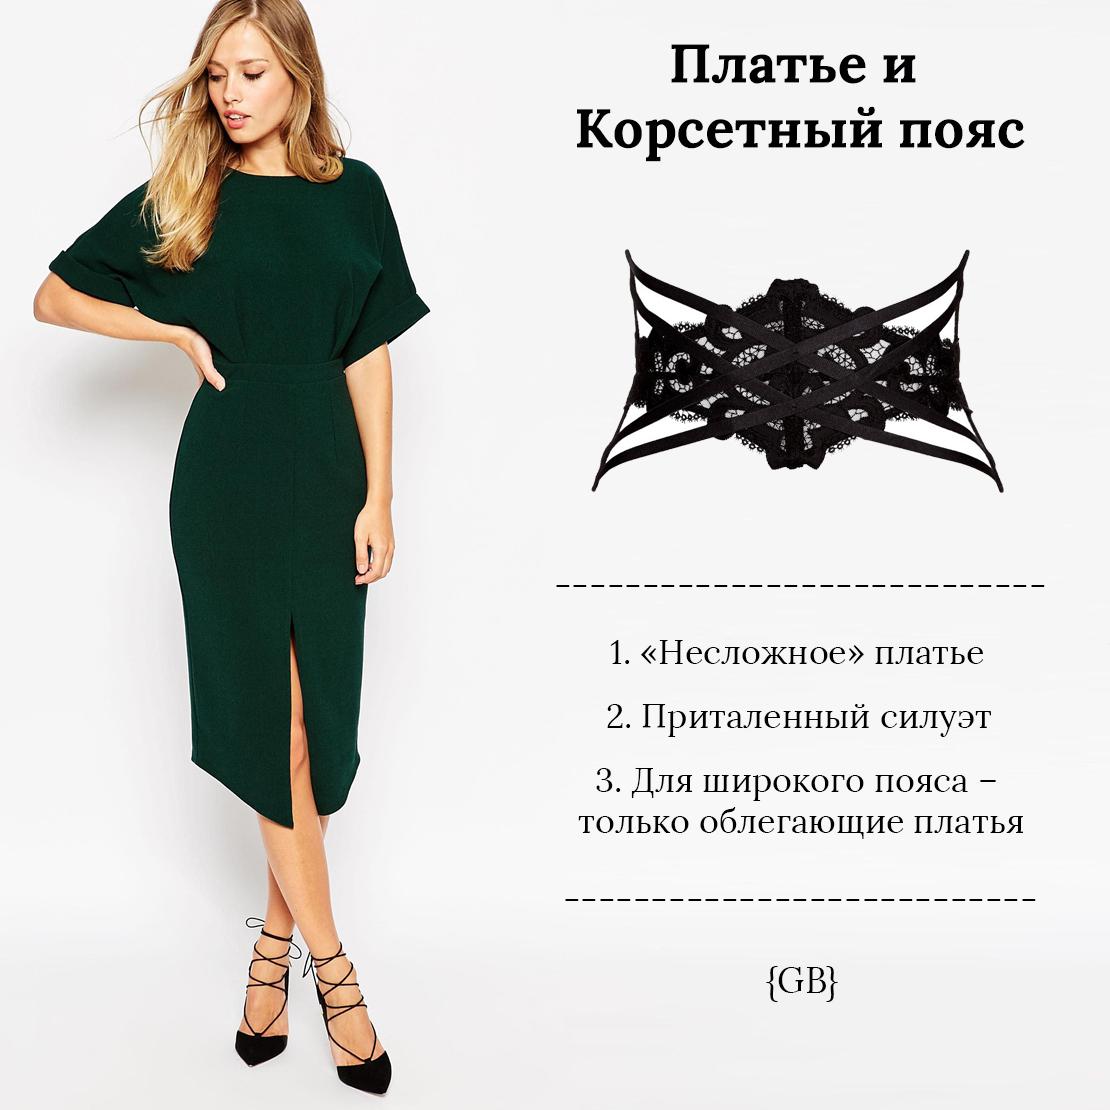 Нижнее бельё в качестве верхней одежды. Как стилизовать поясные корсеты на выход